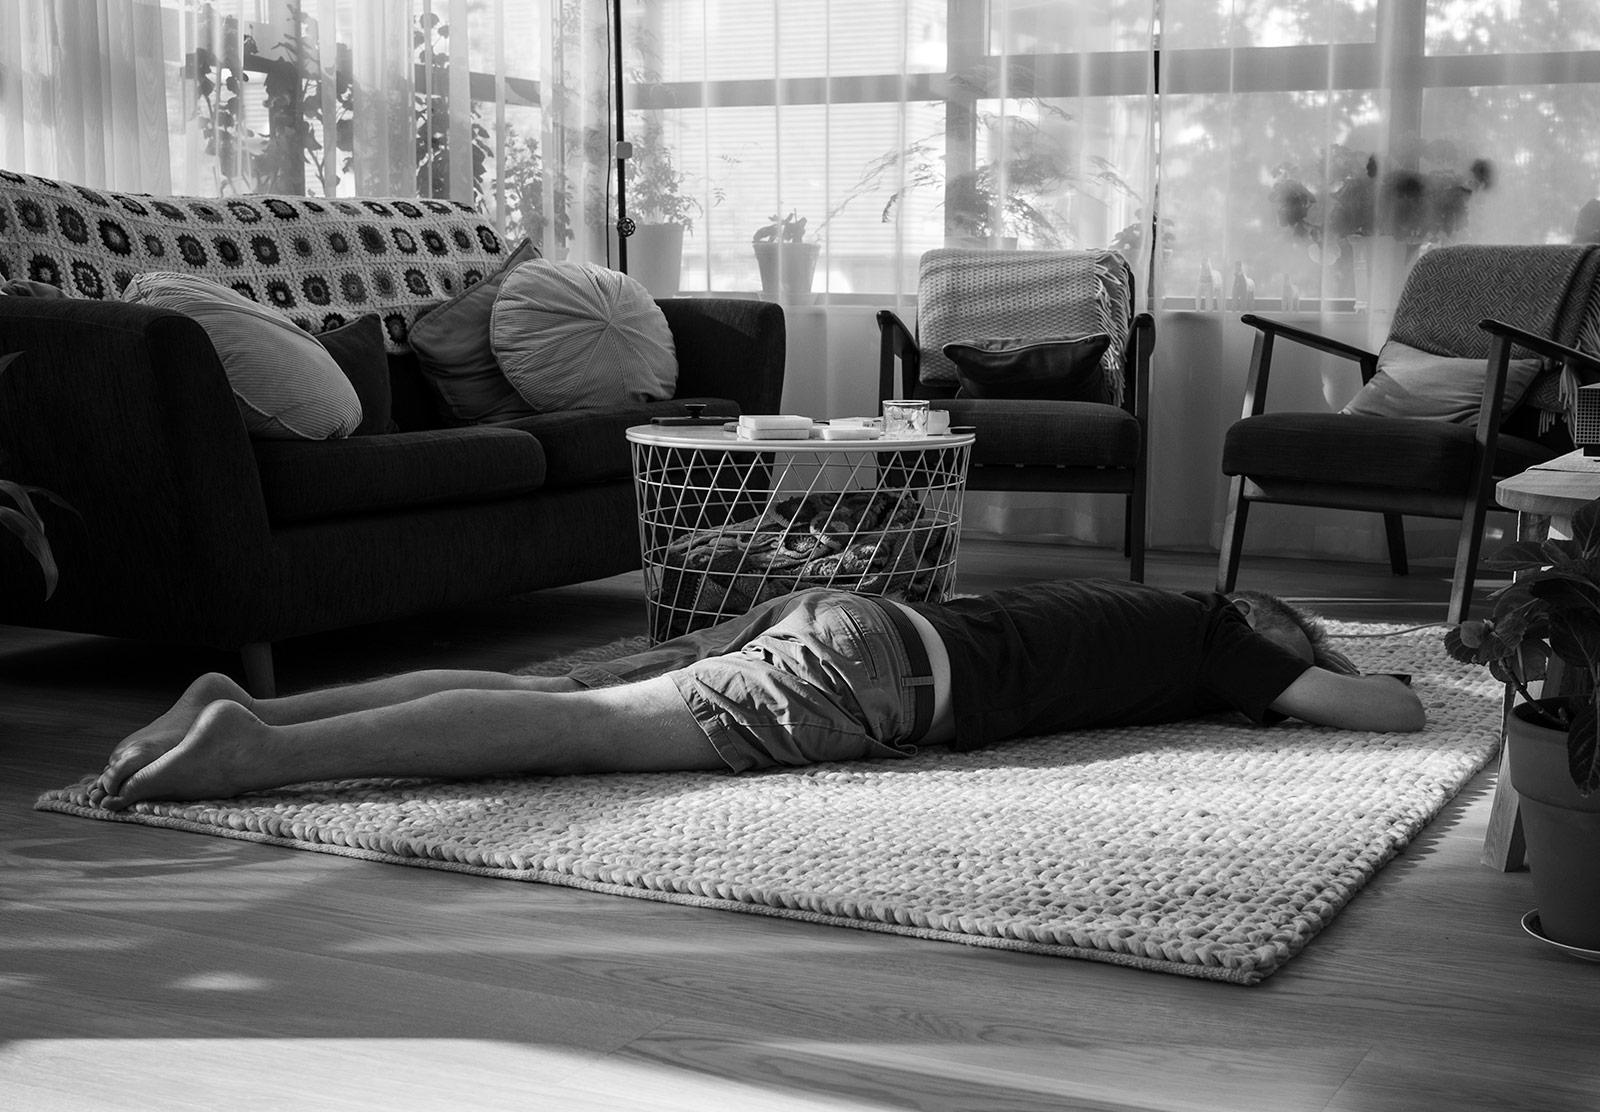 Man sleeping on floor